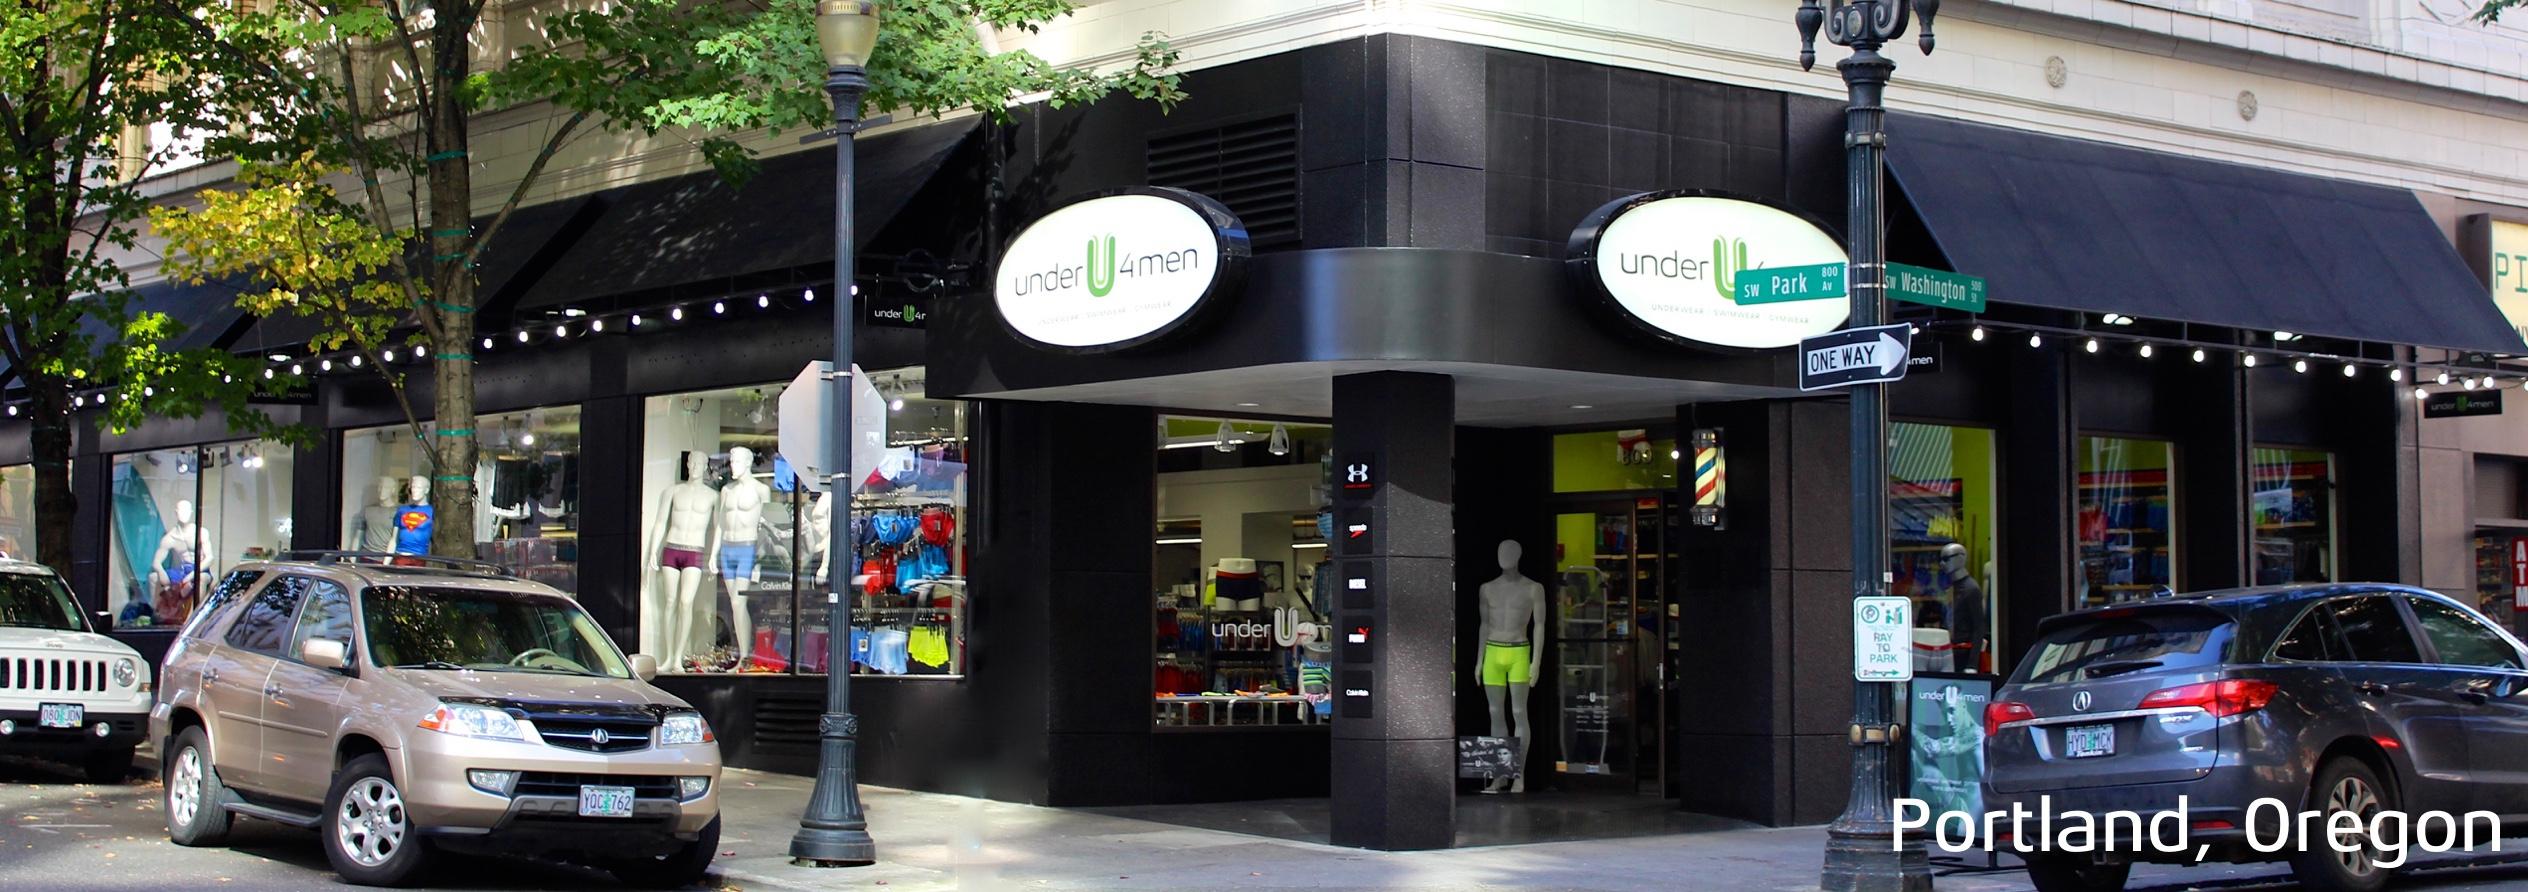 underu4men-portland-oregon-flagship-underwear-store